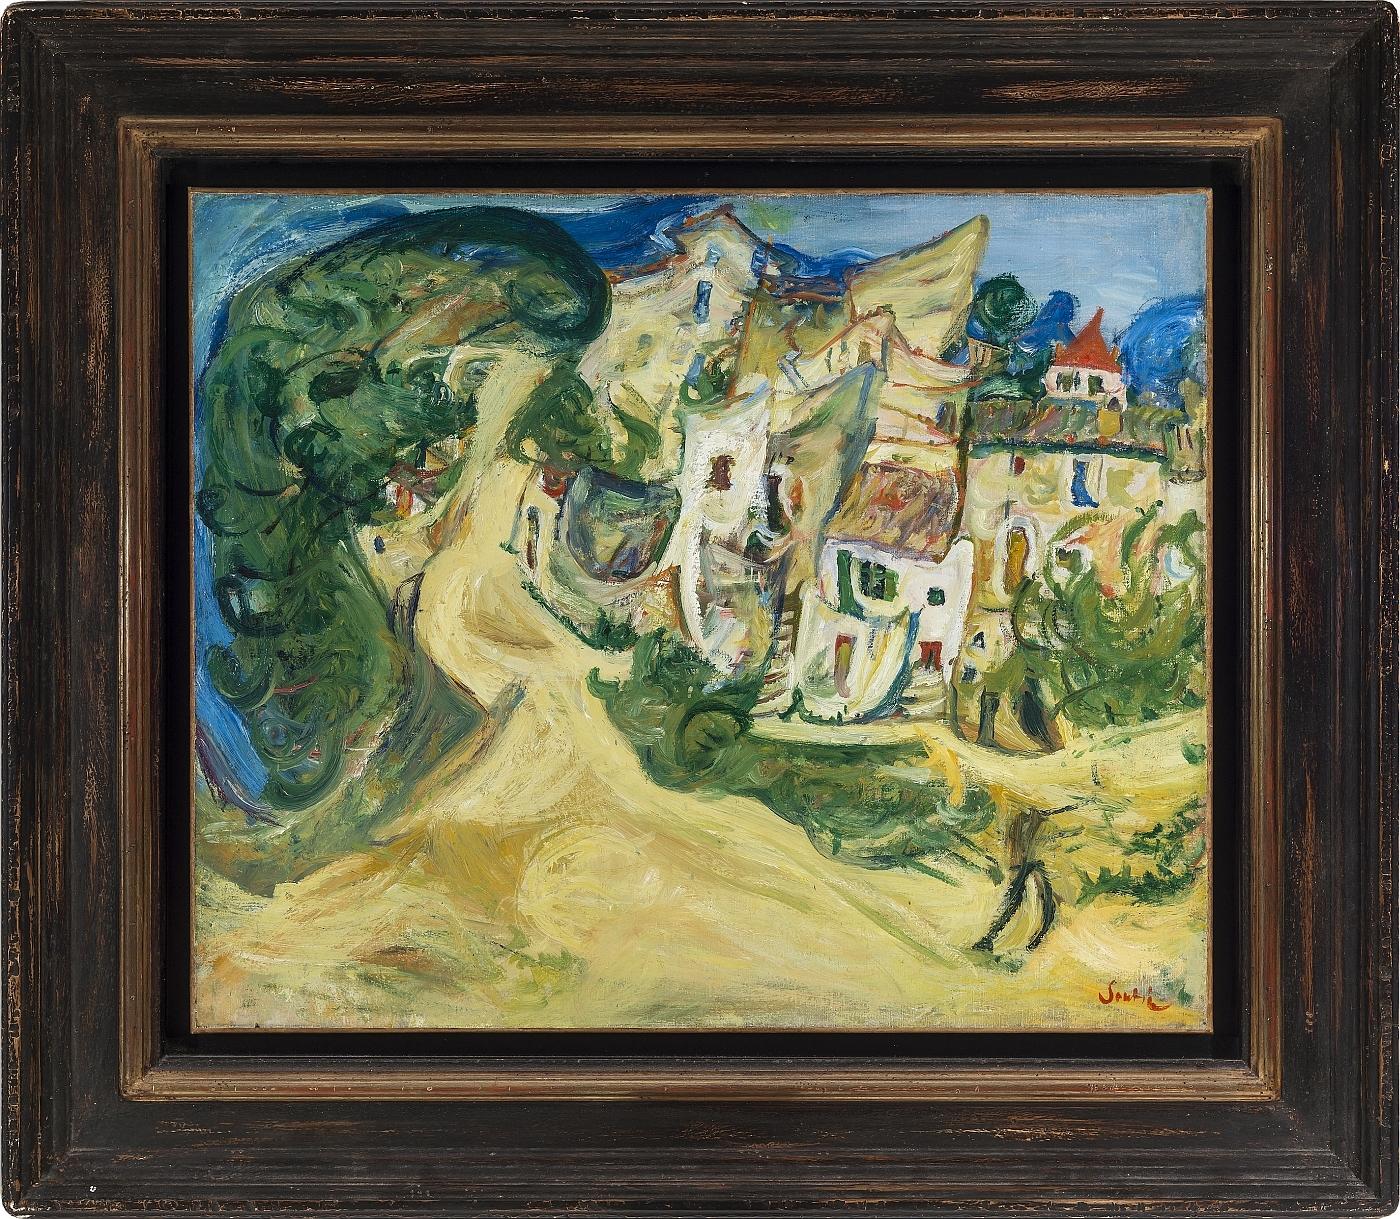 Chaim Soutine - Landscape at Cagnes 2/3